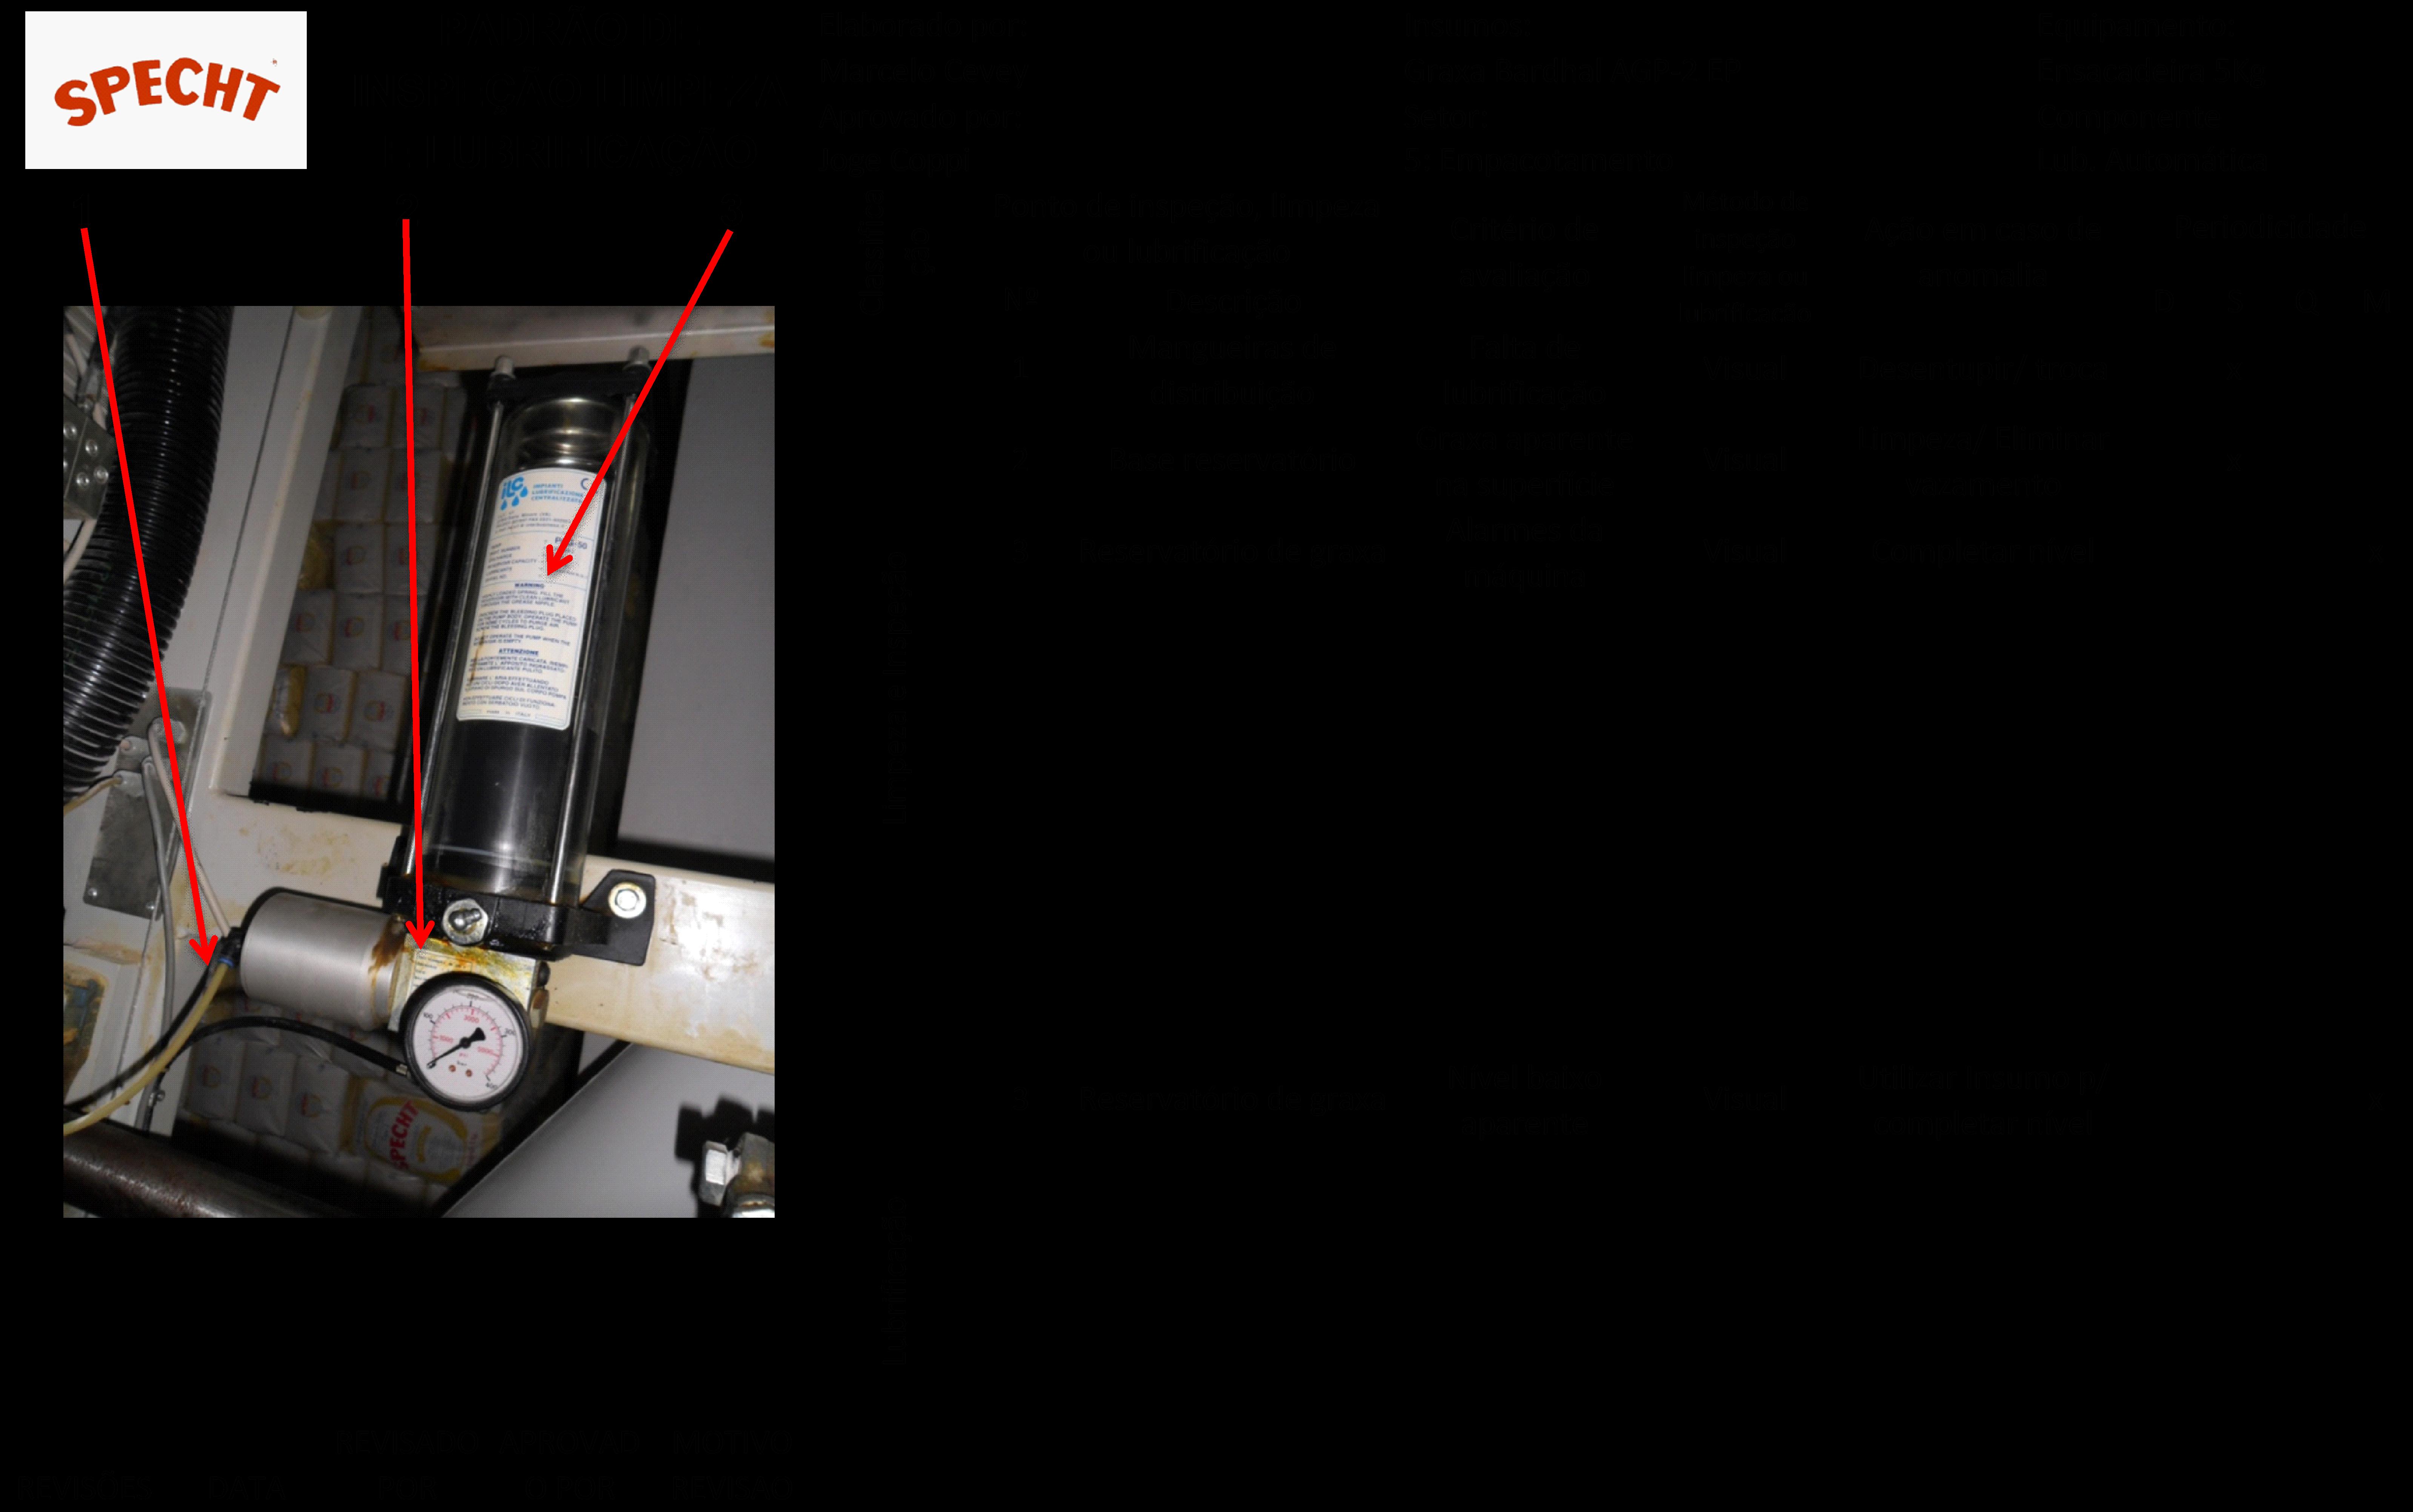 Quadro 3: Planilha padrão de Inspeção Limpeza e Lubrificação de MA implantado